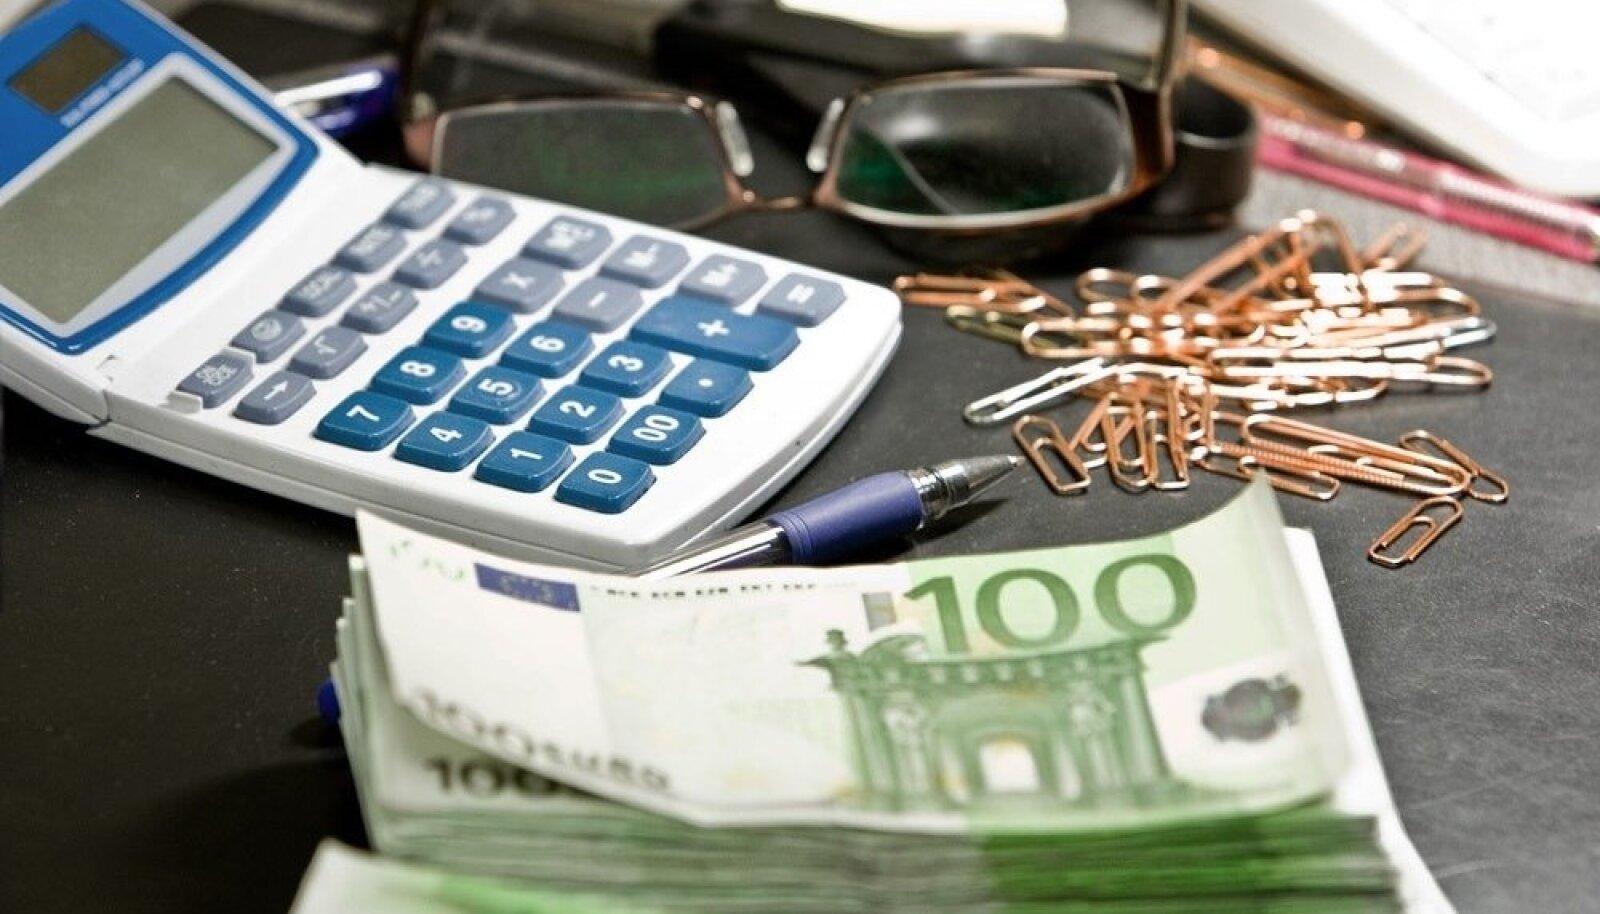 Riigikontrolli aruanne näitab, et riigikogus vastu võetud 2020. aasta riigieelarve kõik koondsummad – tulud, kulud, investeeringud, finantseerimistehingud – on valed, sest eelnõu ette valmistanud rahandusministeerium on teinud arvestus- ja arvutusvigu.